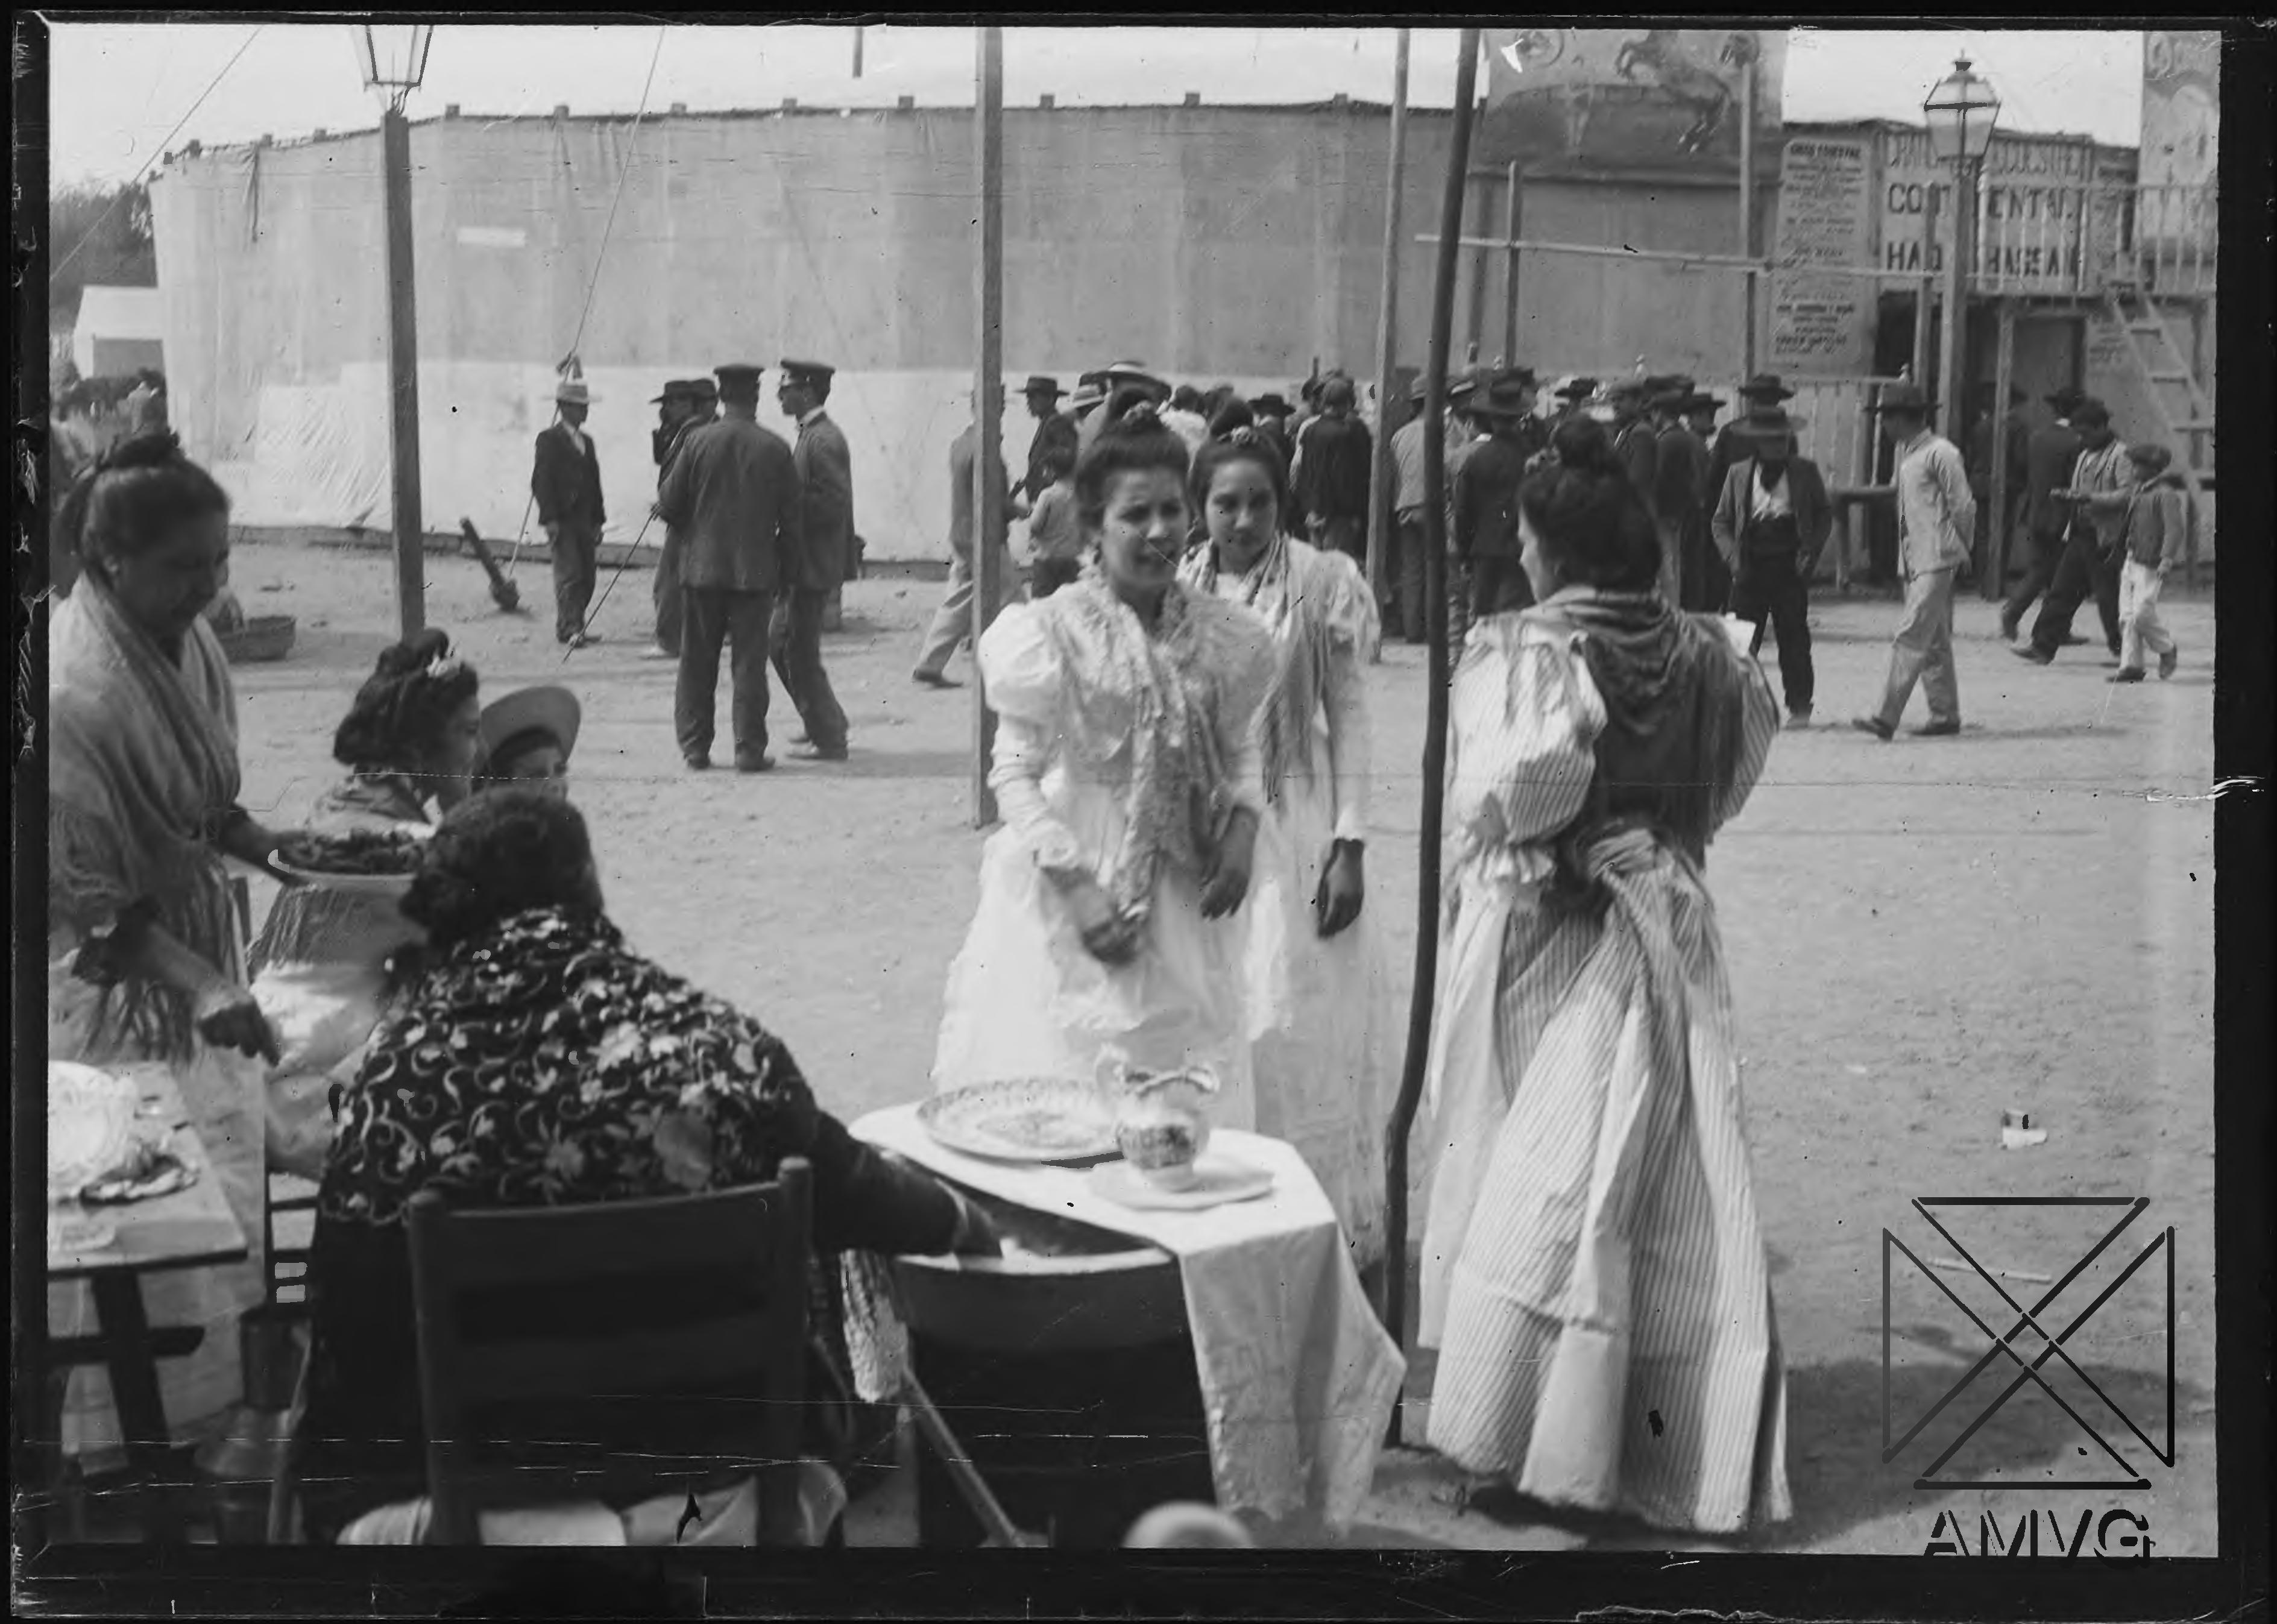 Grupo de mujeres en la Feria de Abril, Sevilla